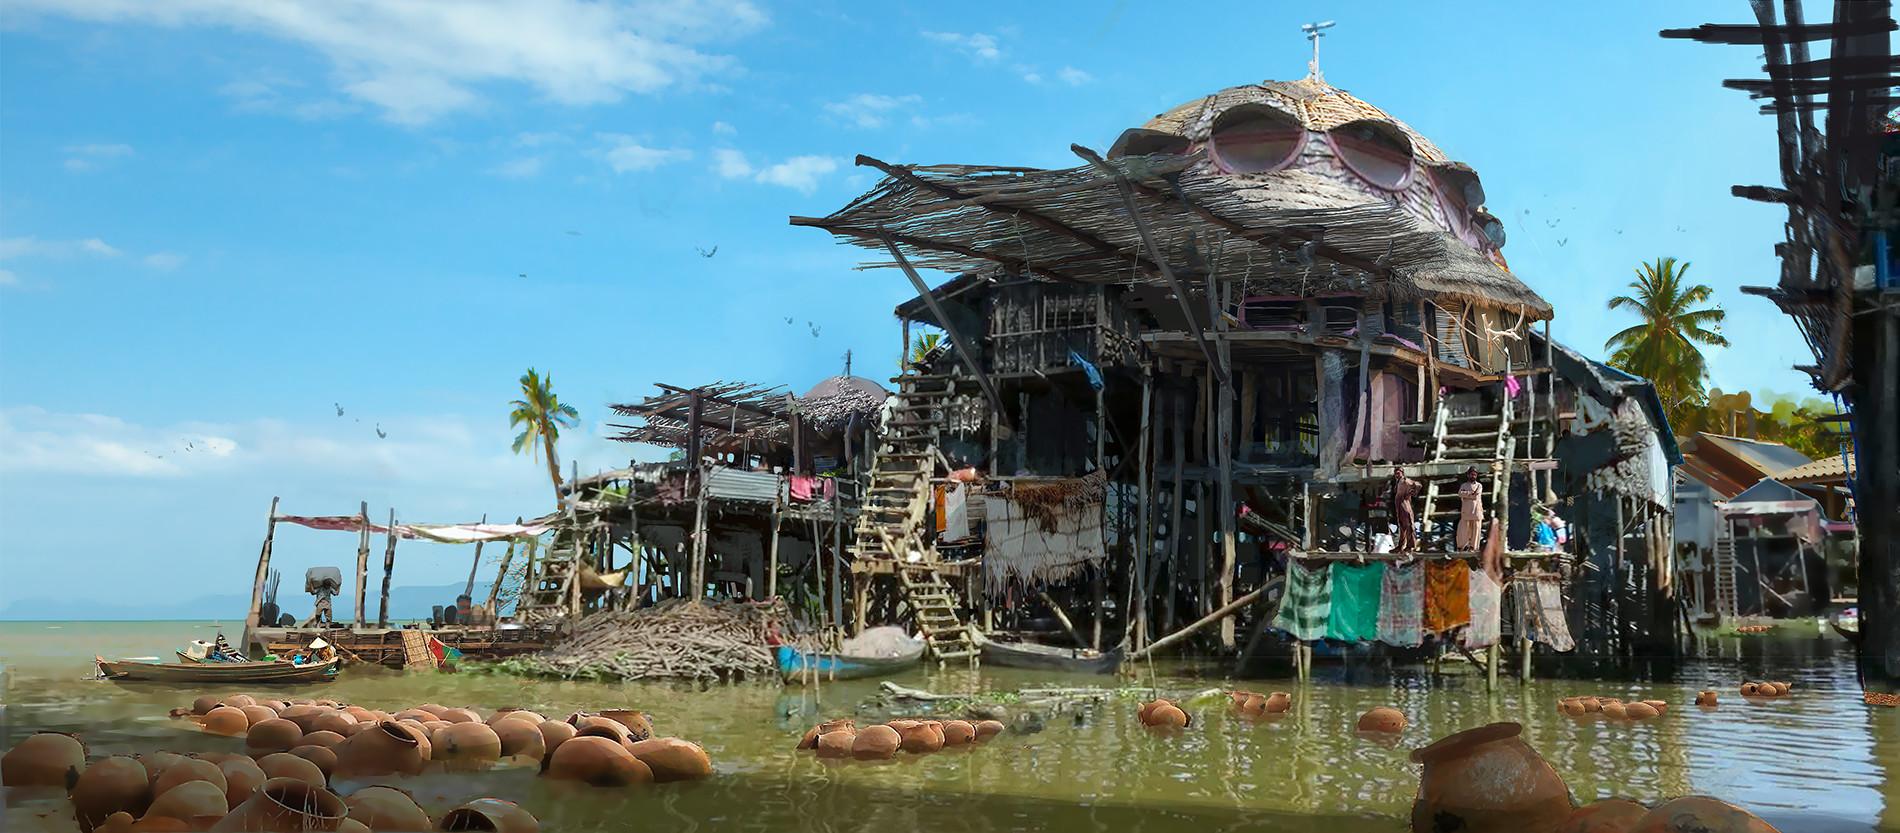 Finnian macmanus final stilt house 2